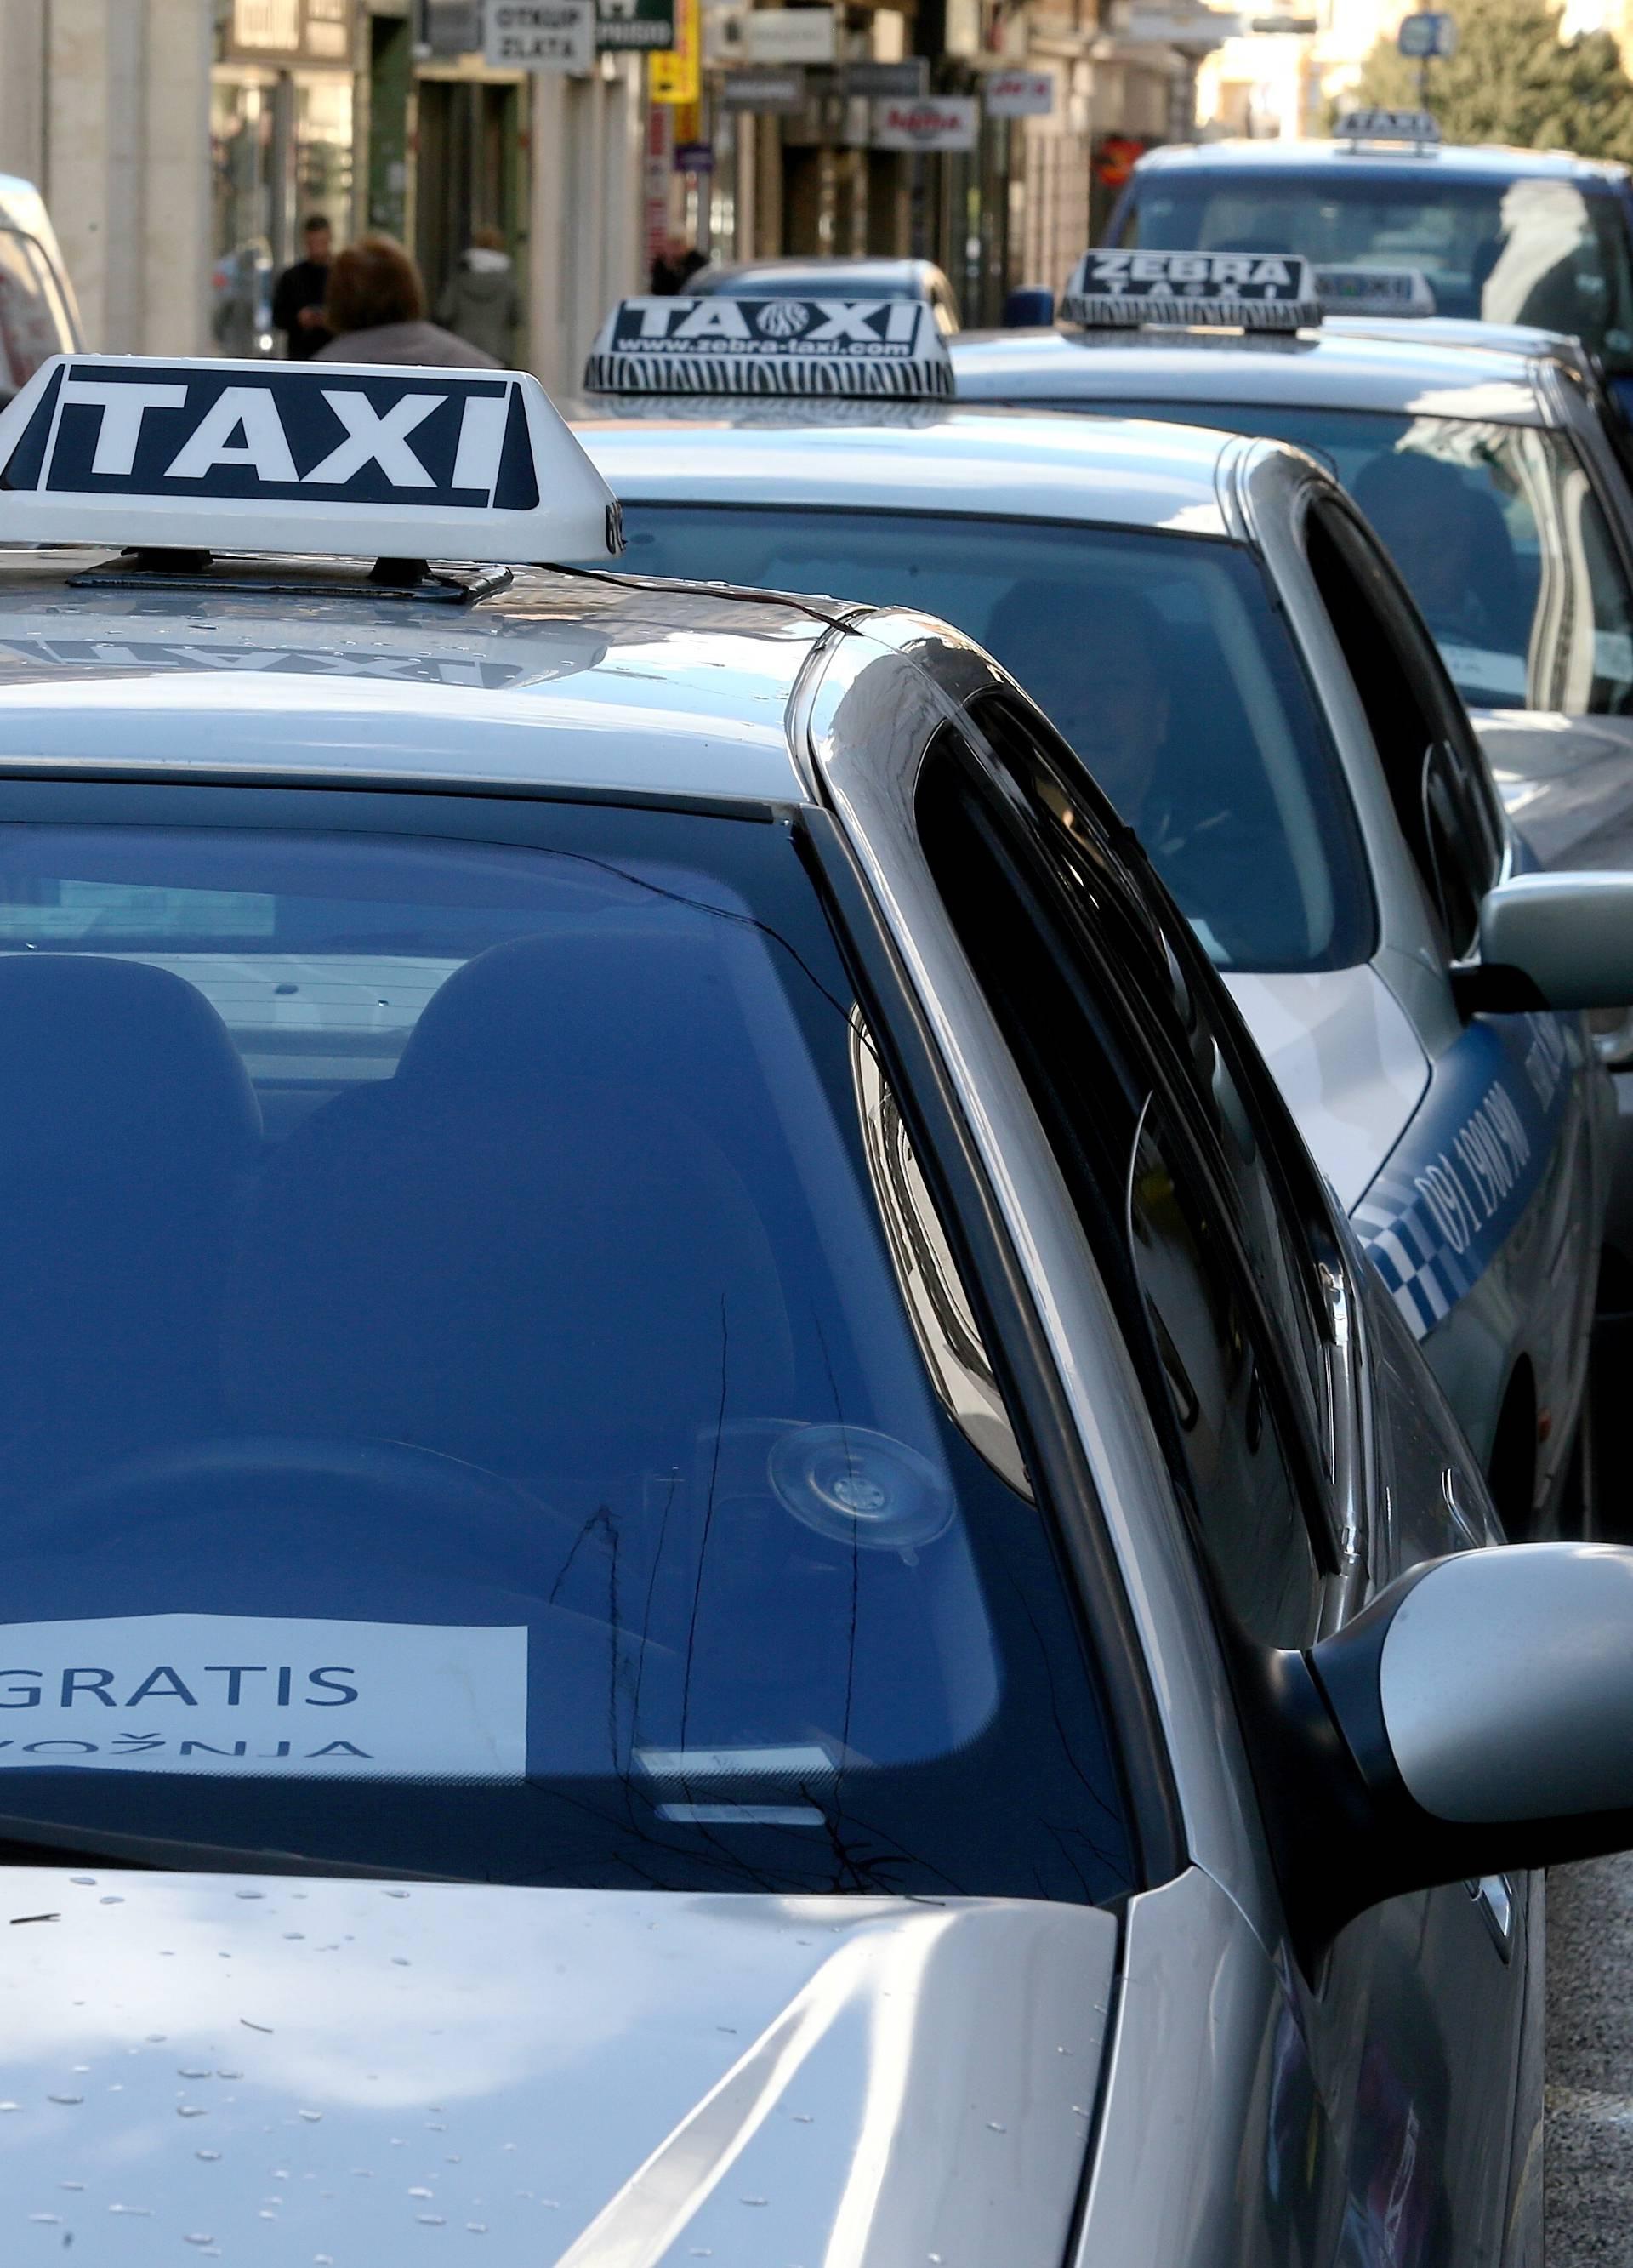 Razbojnici taksistu prerezali prste: 'Kako ću sada voziti?'